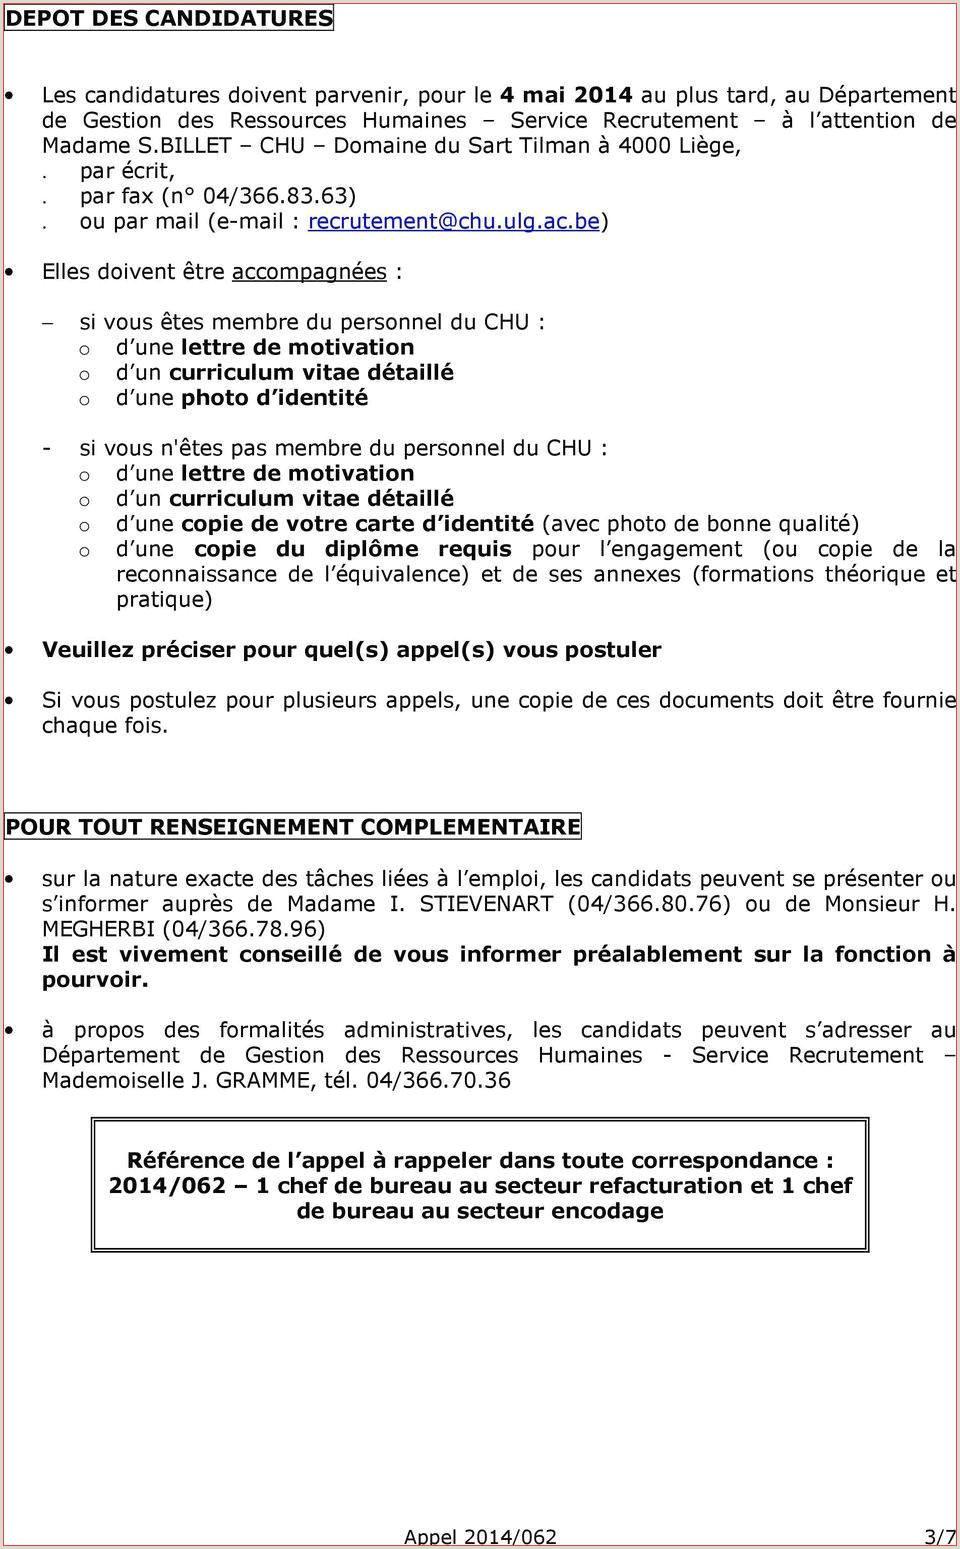 exemple de cv avec permis de conduire de valeur lettre de motivation suisse mod u00a8le modele cv